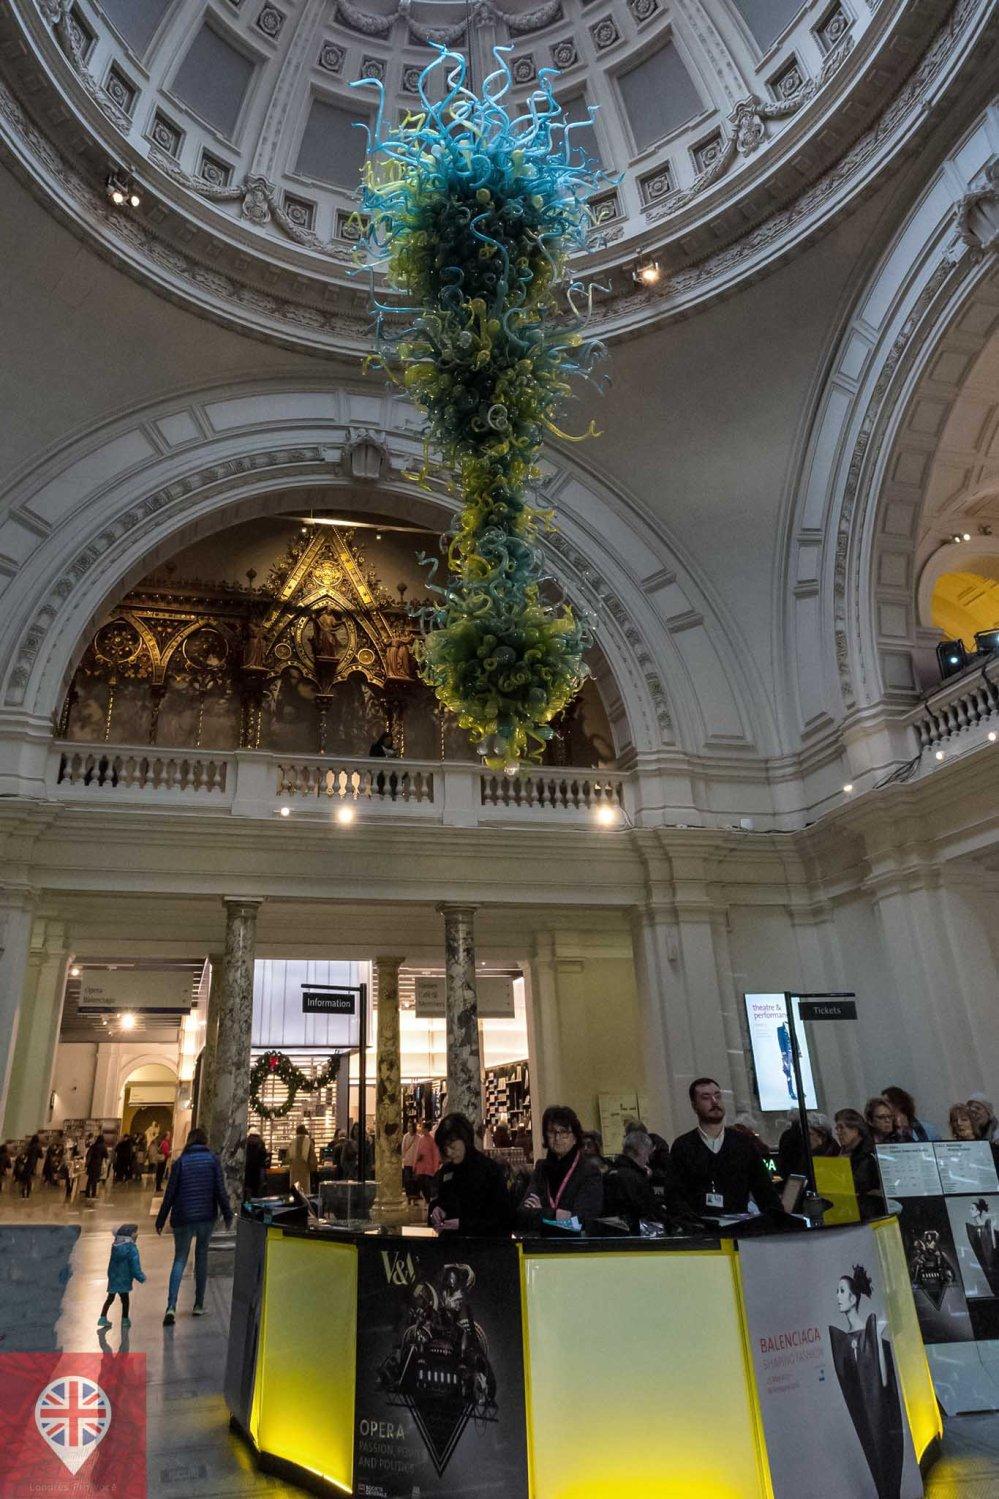 V&A entrance hall